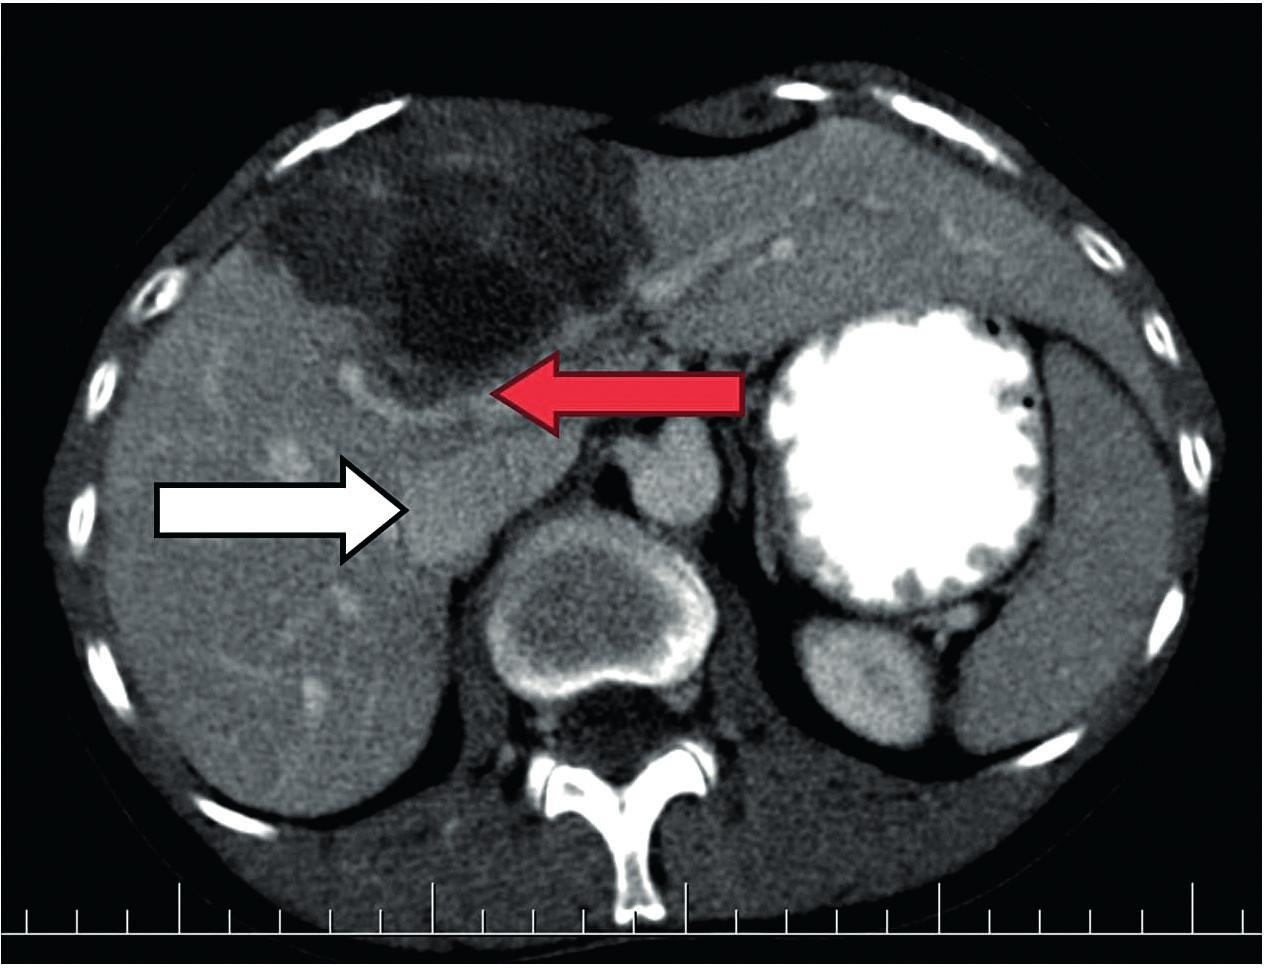 Difúzny útvar pravého laloka pečene prejavujúci sa evidentným infiltratívnym rastom (axiálna rovina).